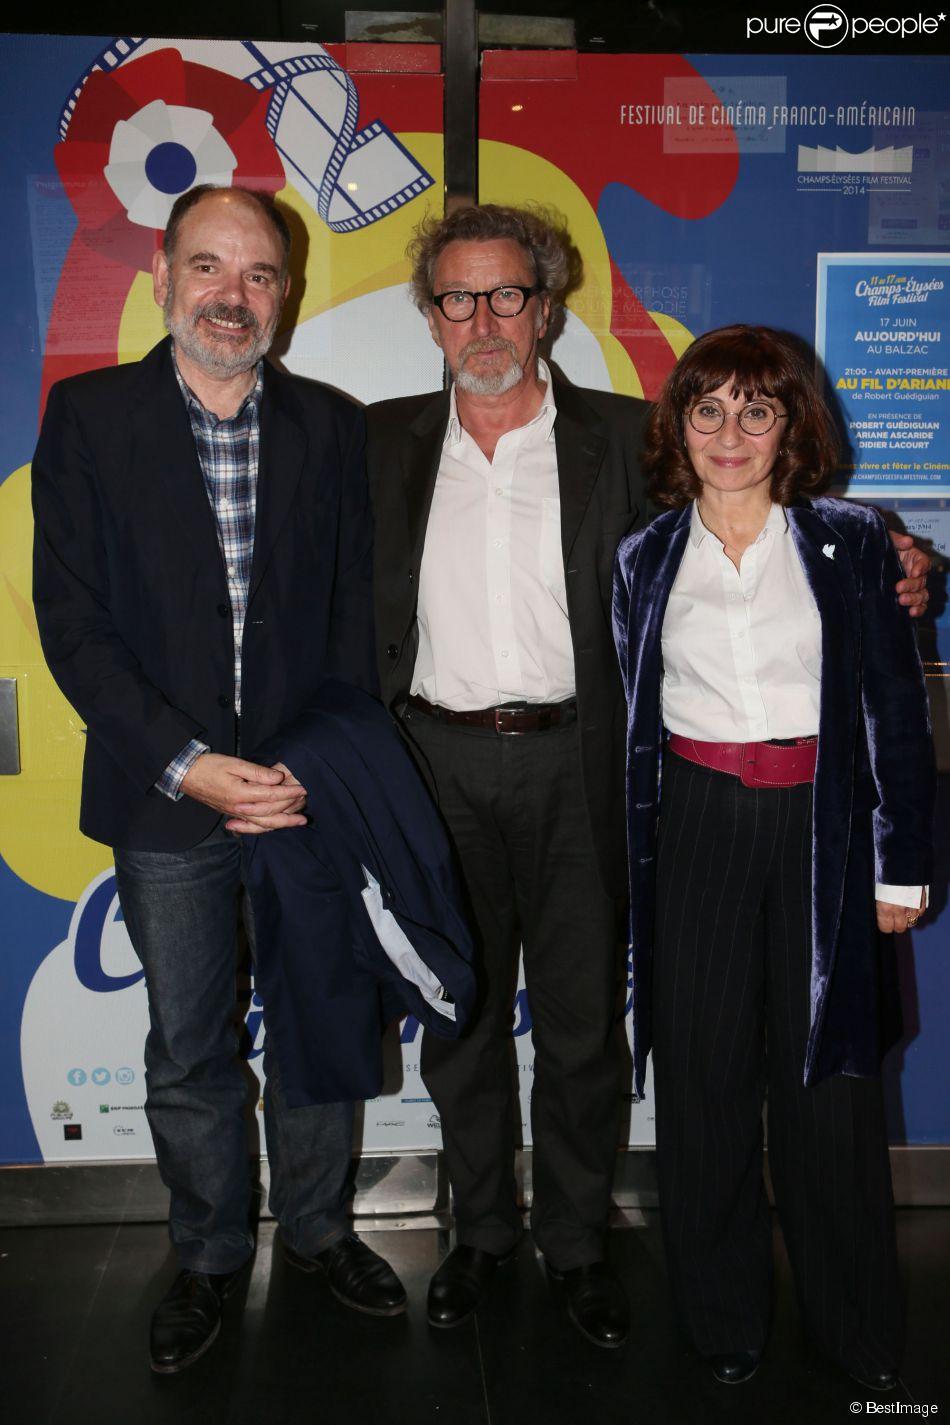 Exclusif - Jean-Pierre Darroussin, Robert Guédiguian, Ariane Ascaride - Cocktail sur la terrasse du Publicis lors du 3e Champs-Elysées Film Festival à Paris, le 17 juin 2014.